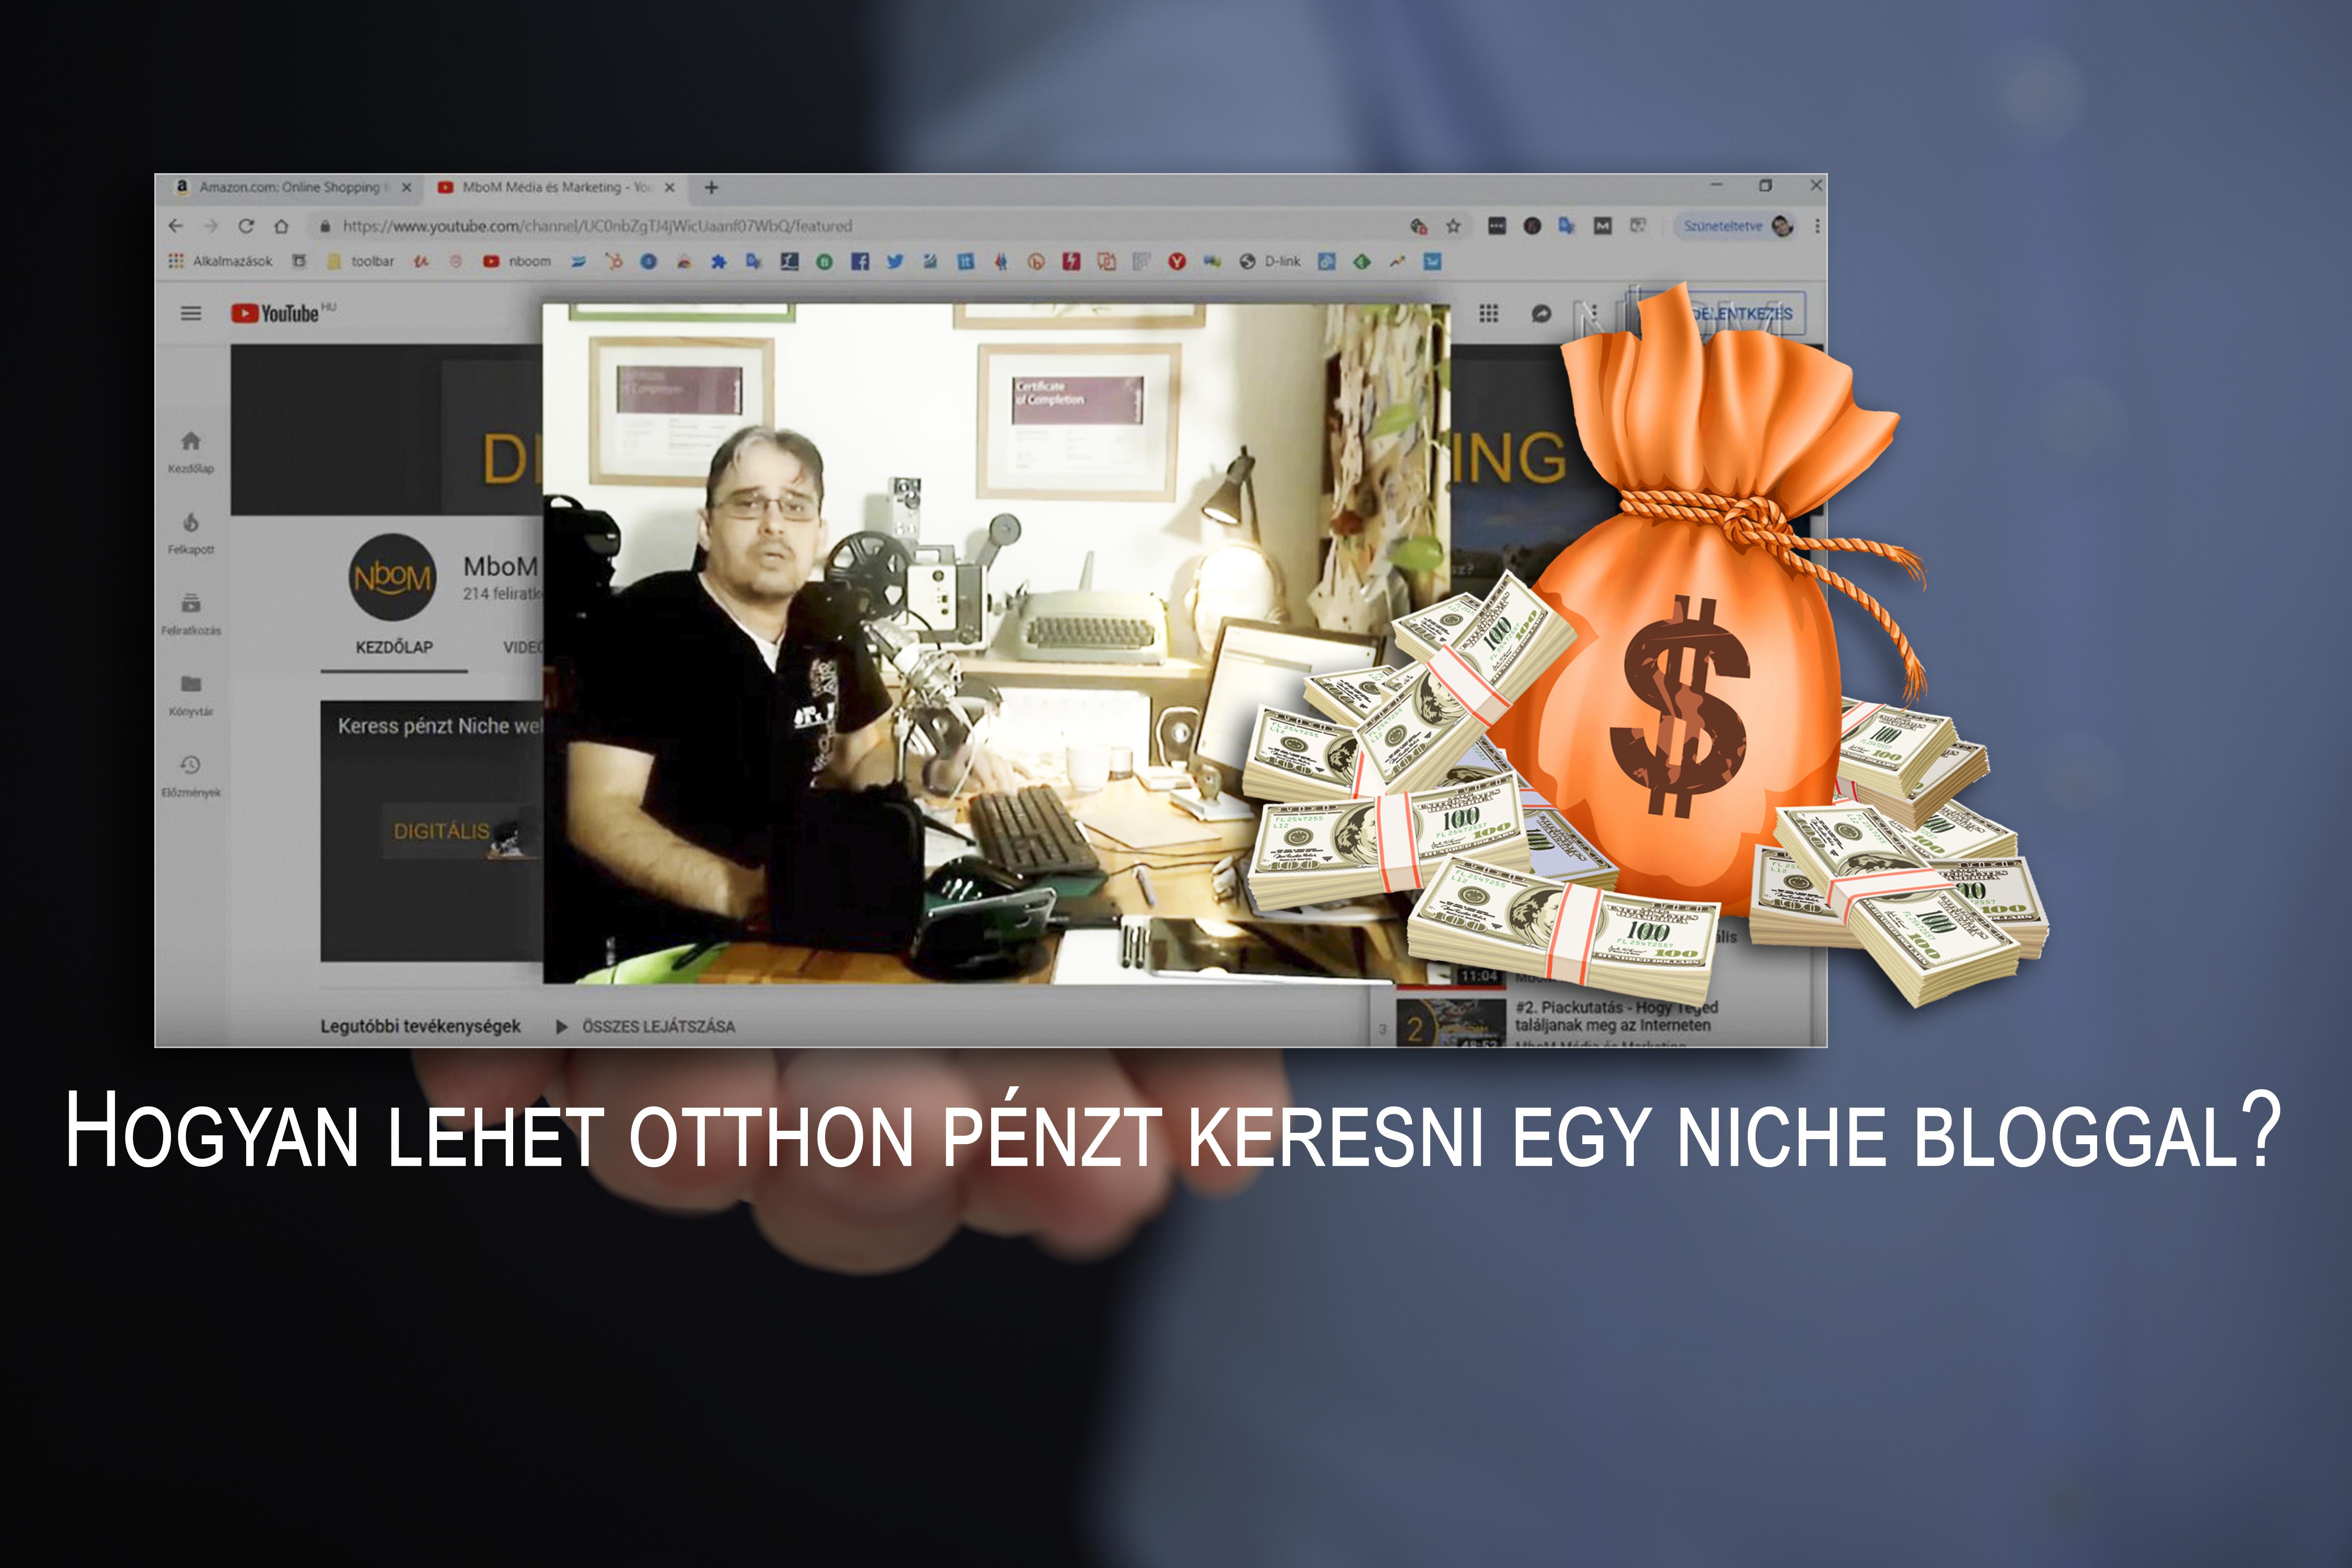 hogyan lehet 1 millió dollárt keresni az interneten